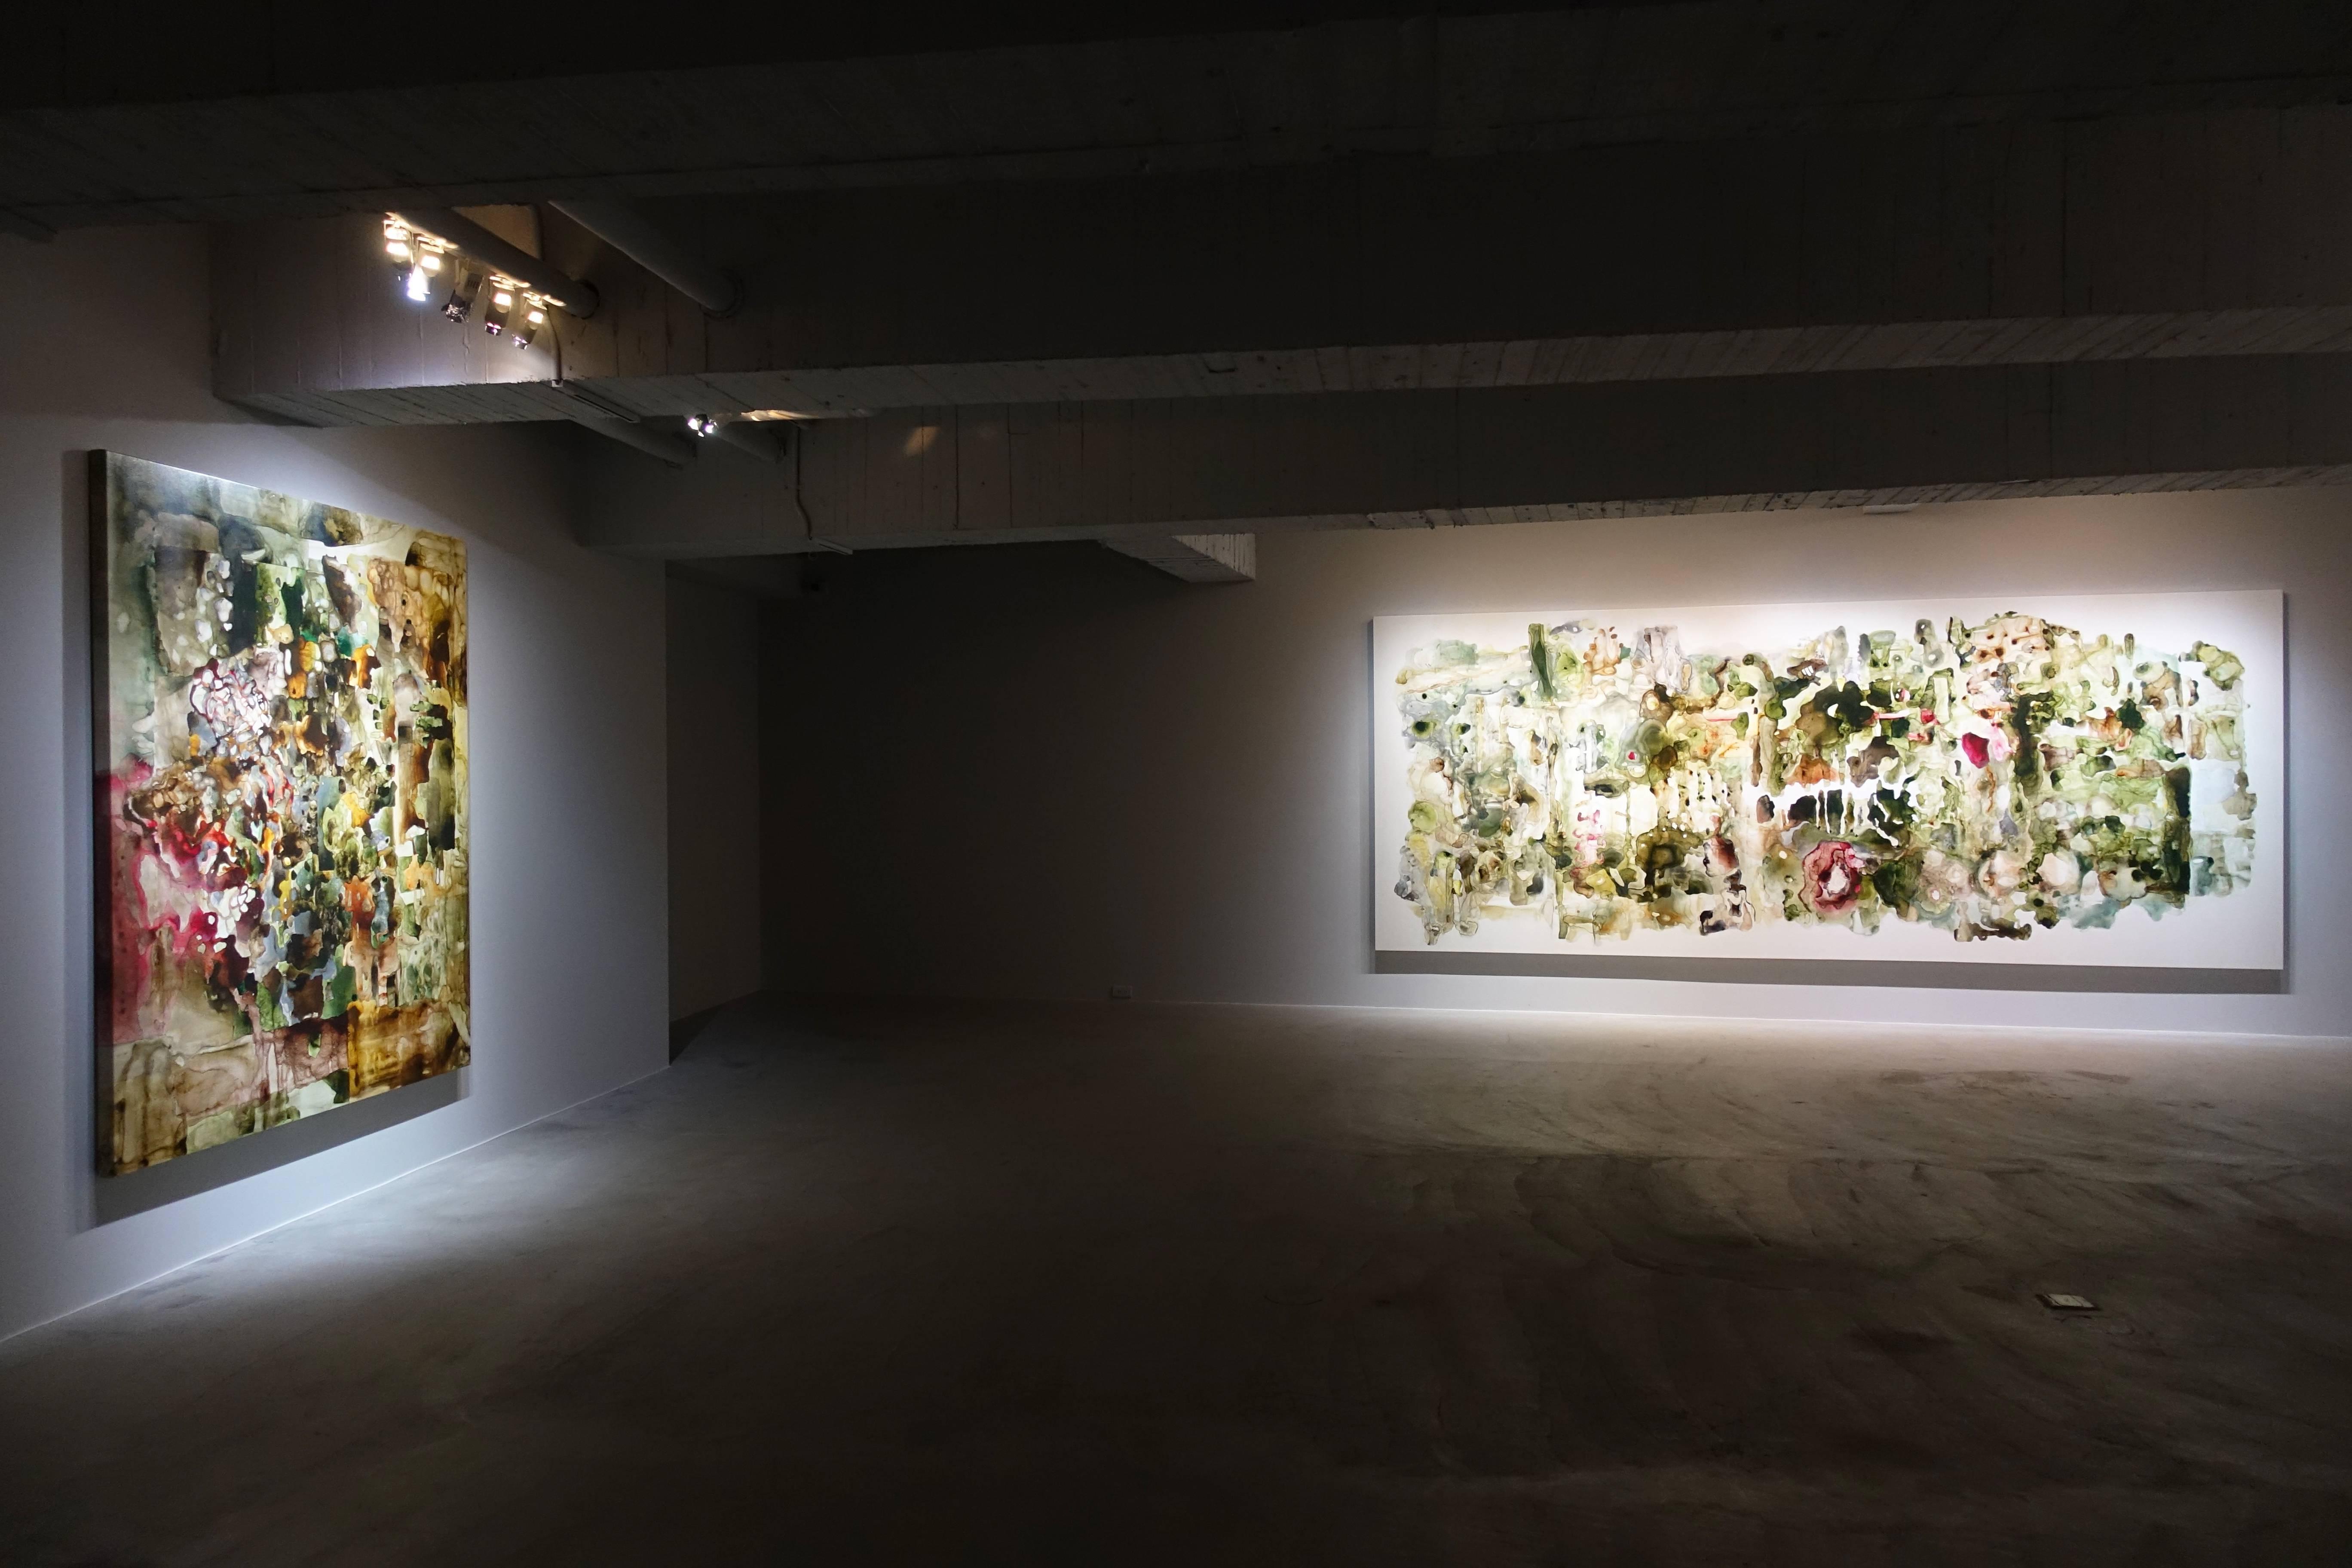 安卓藝術展場一景。圖/譚竣鴻攝。